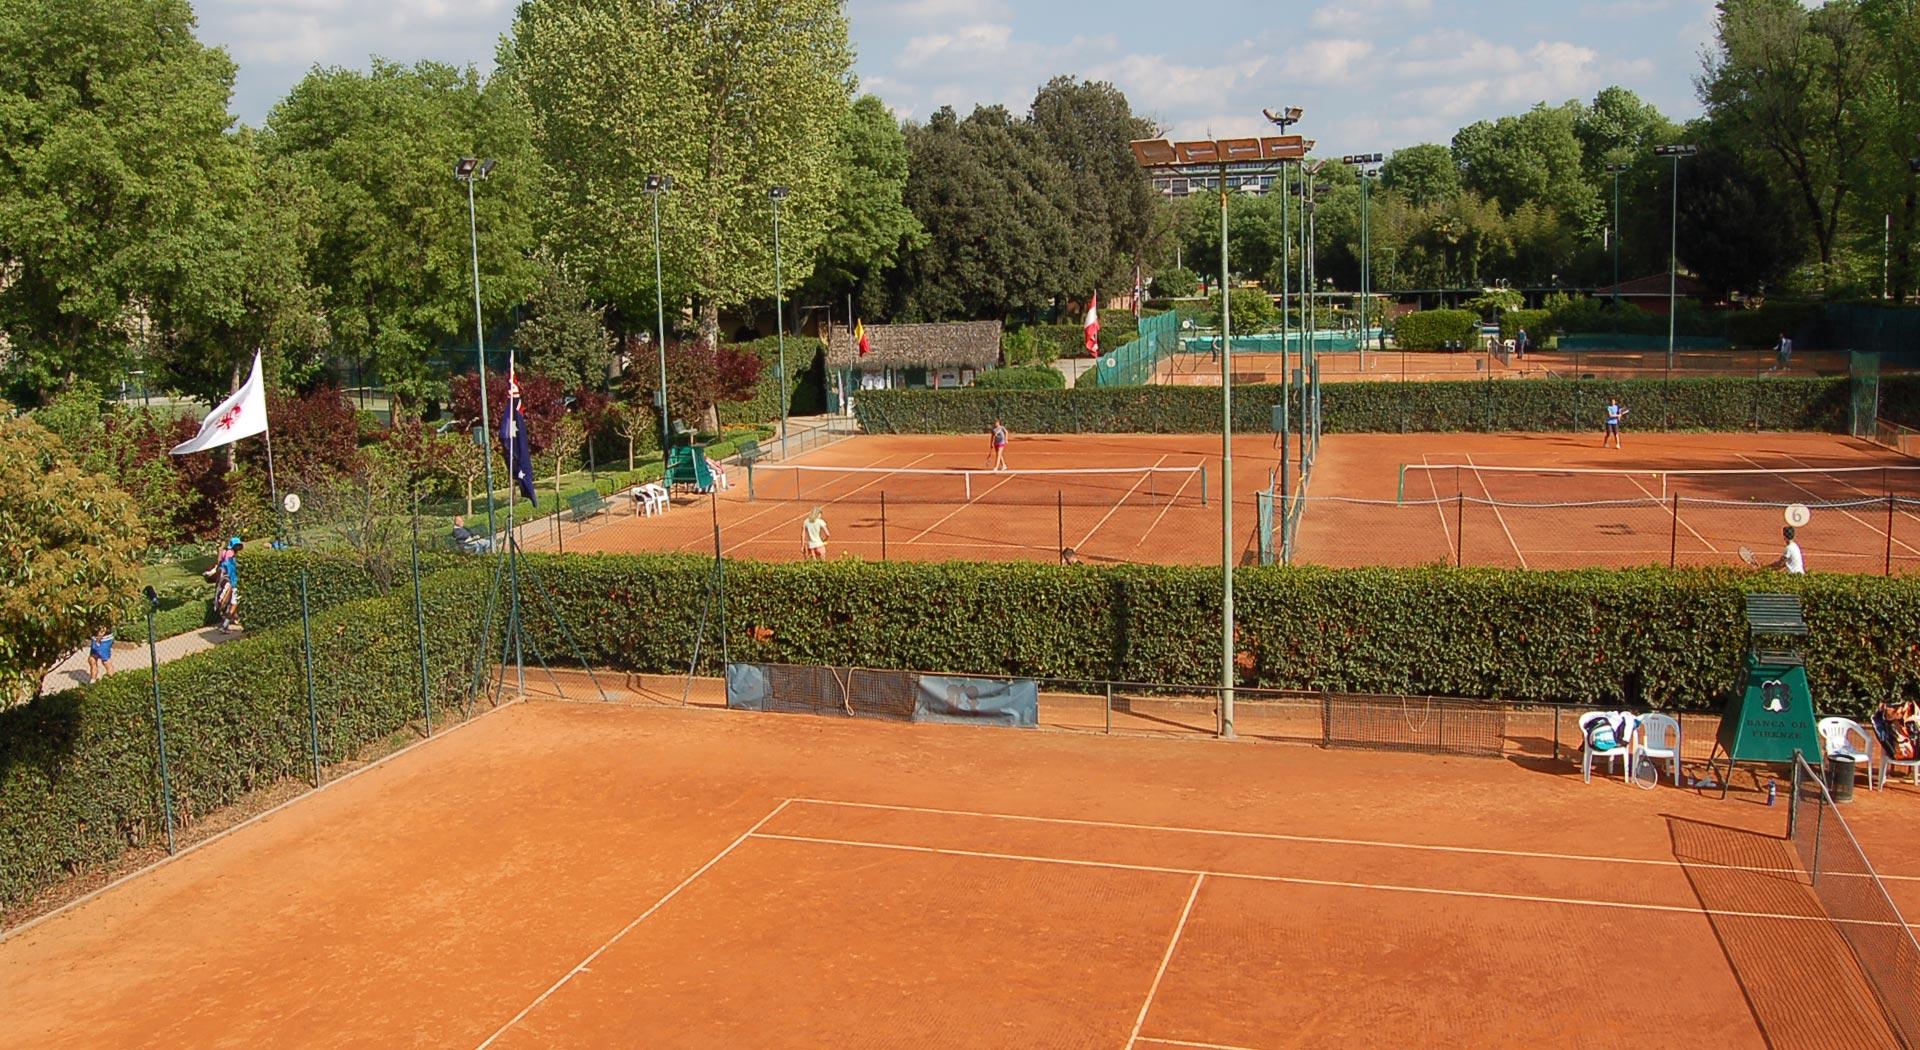 circolo_tennis_firenze_campi